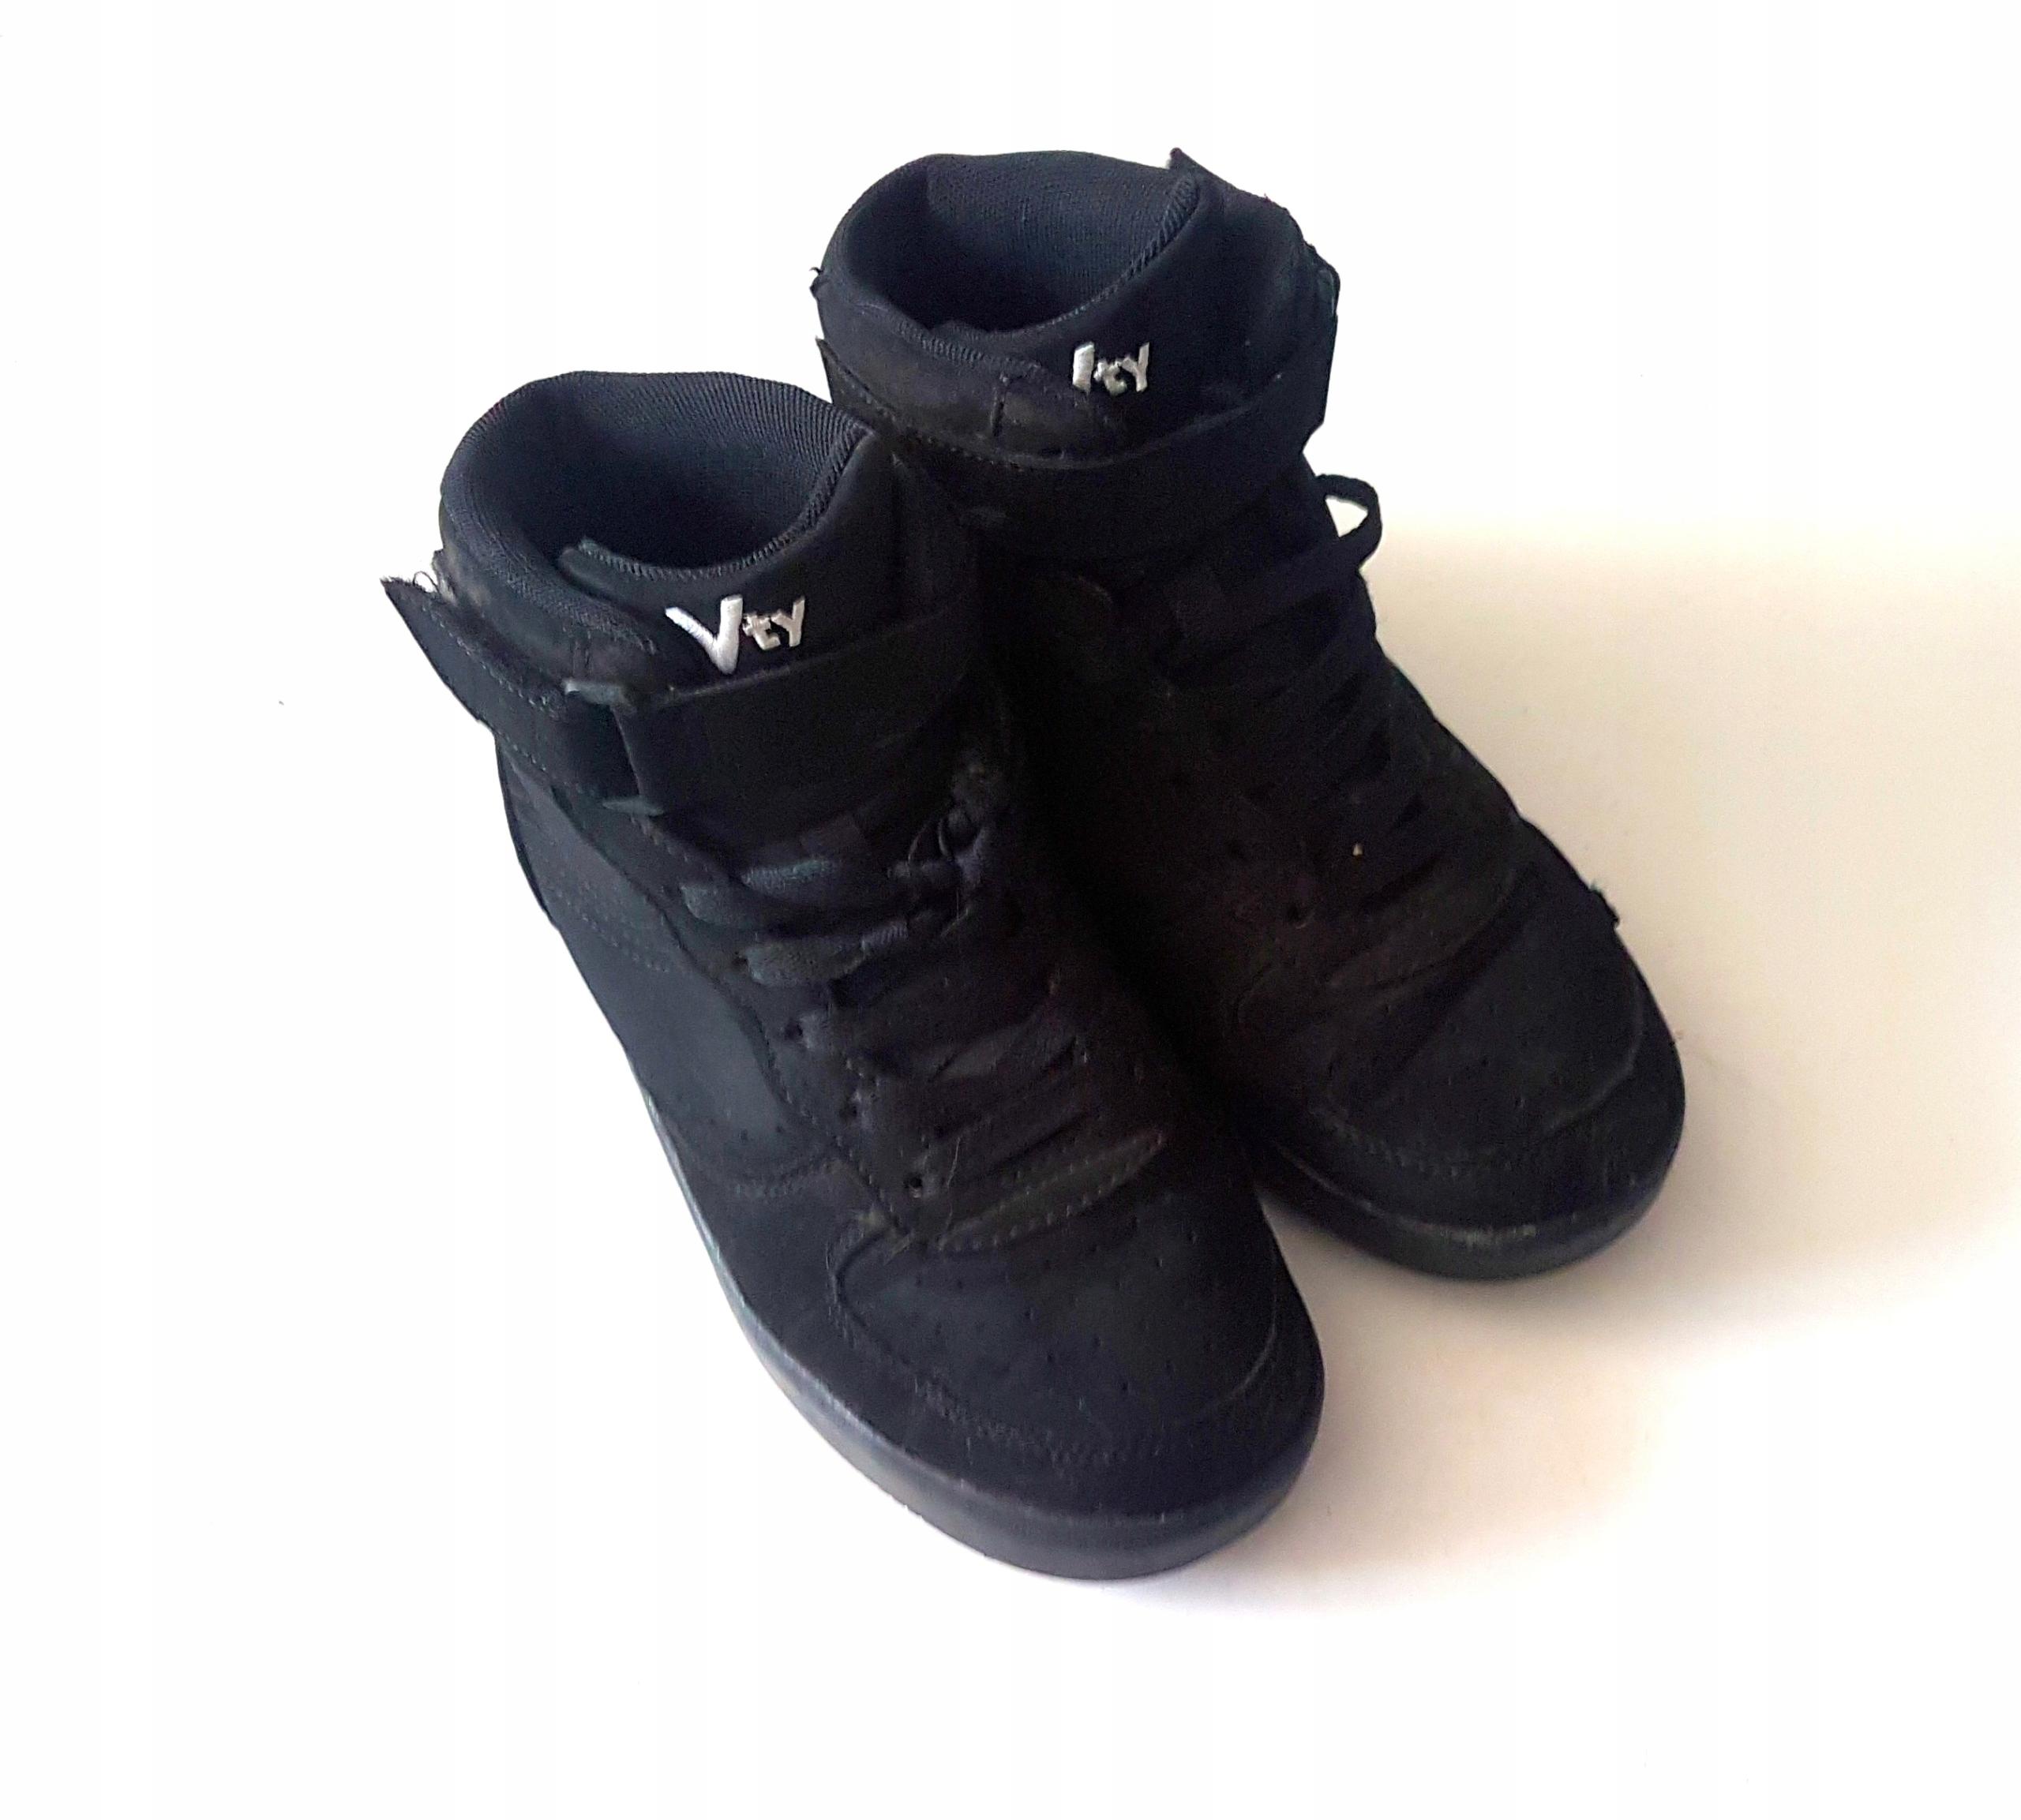 nowa wysoka jakość sprzedaż online oficjalny sklep Adidasy chłopięce wysokie za kostkę zima 36 24 cm